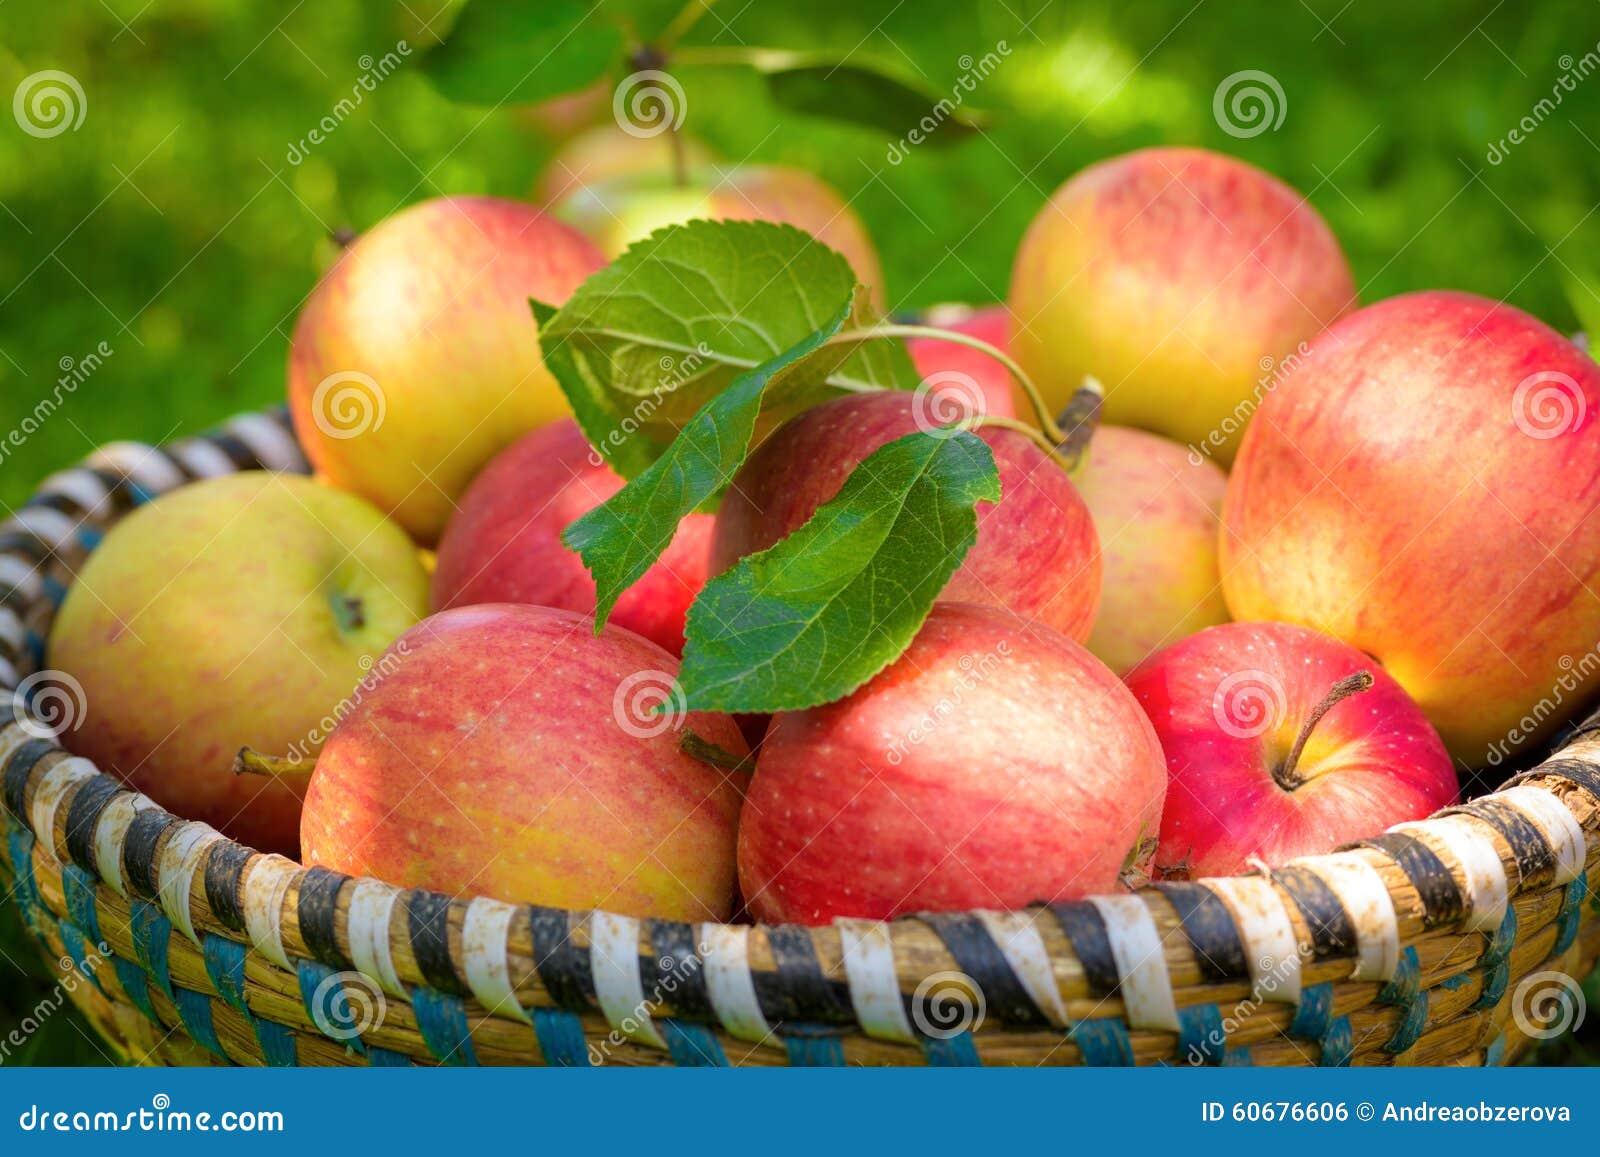 Merce nel carrello organica delle mele, prodotti nostrani freschi